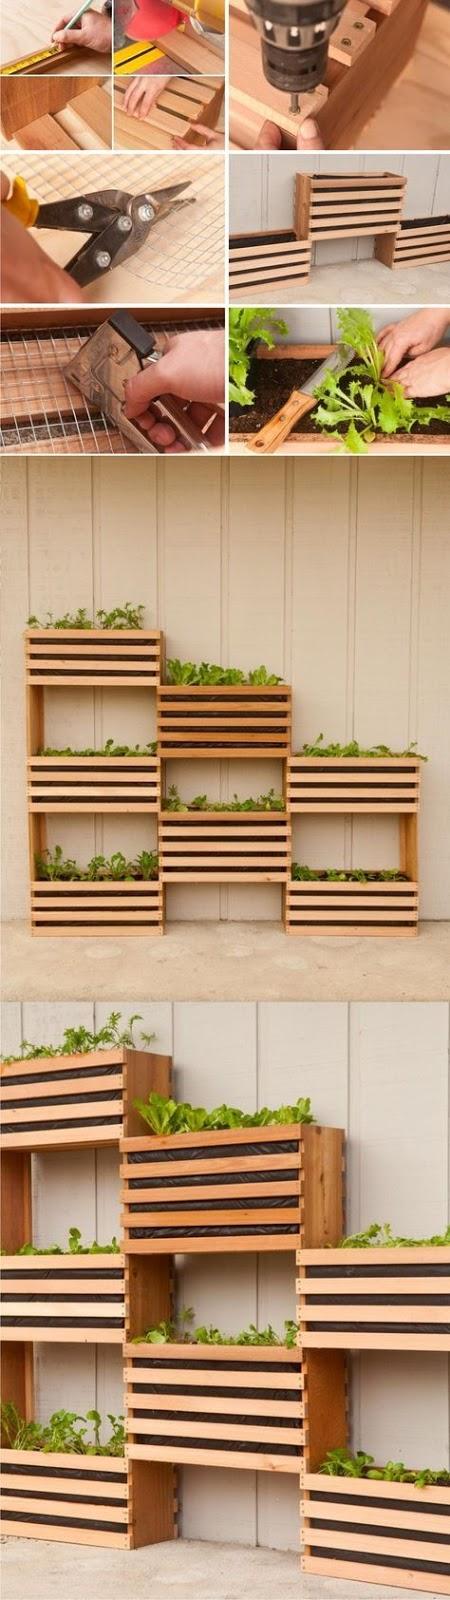 jardin vertical de madera como hacer